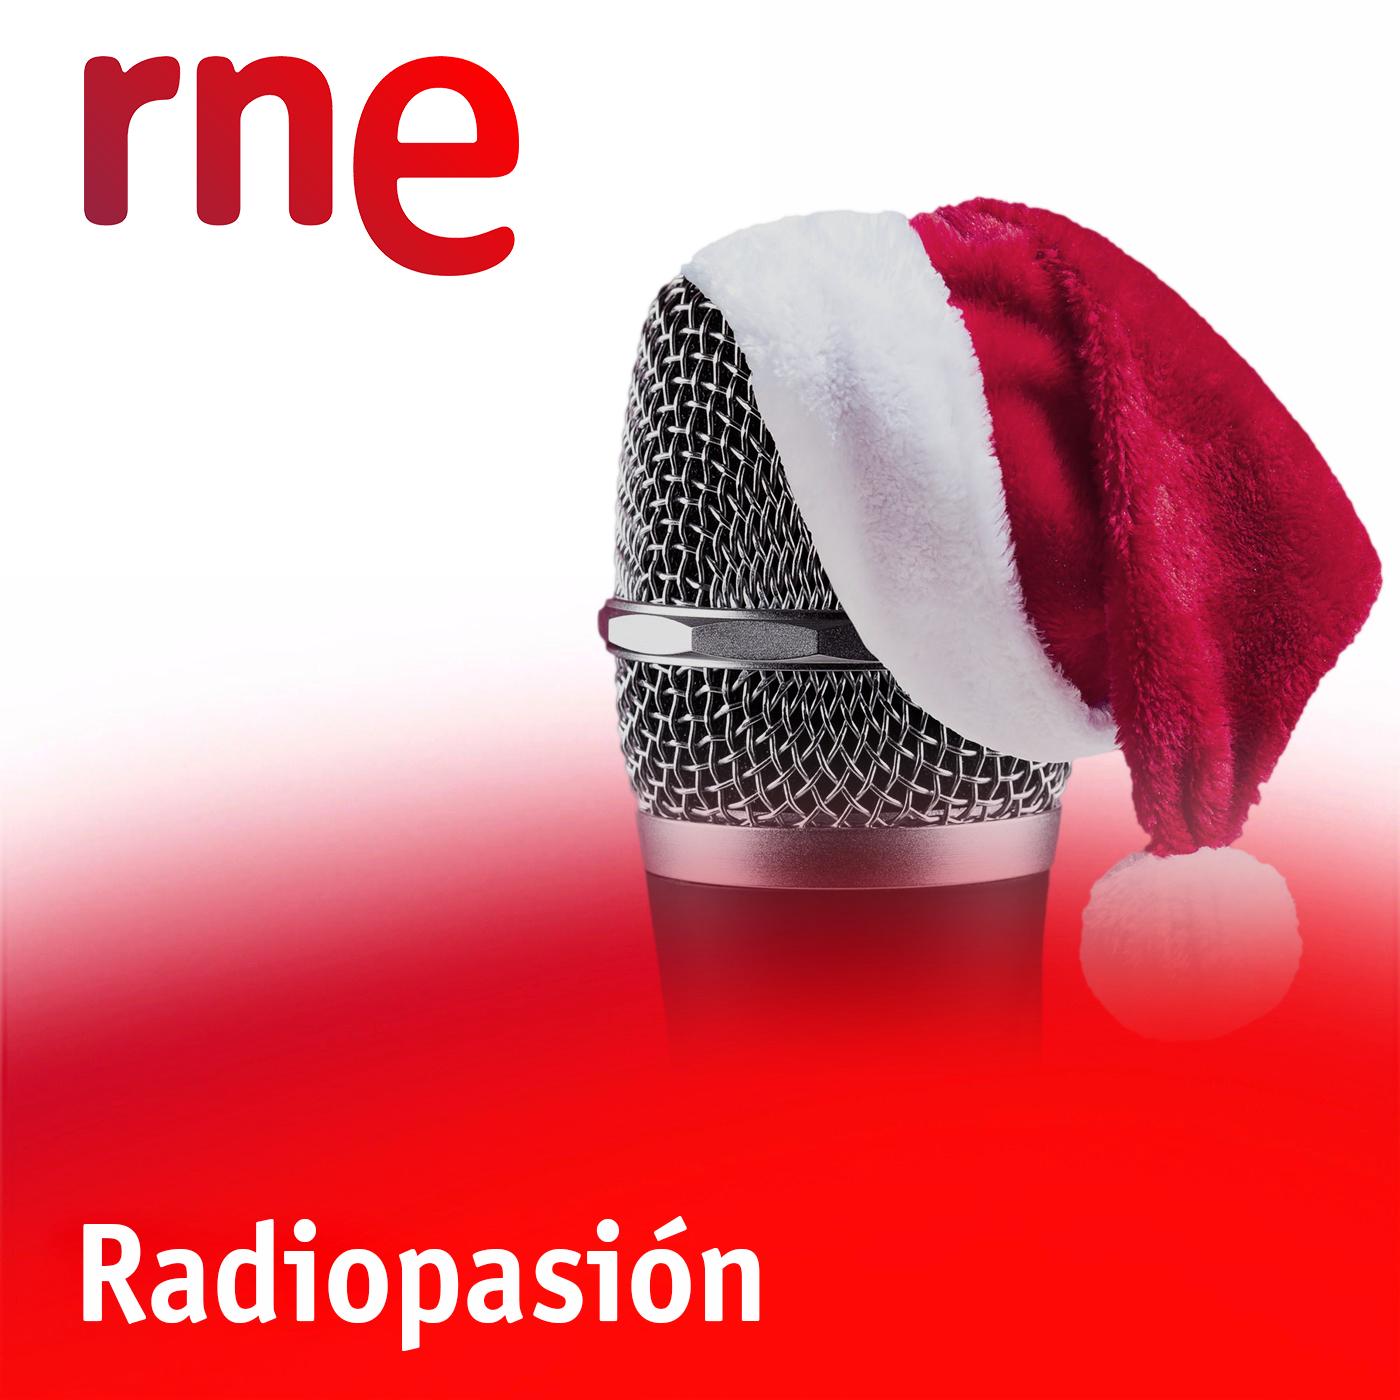 Cantando bajo la radio gente despierta for Carles mesa radio nacional